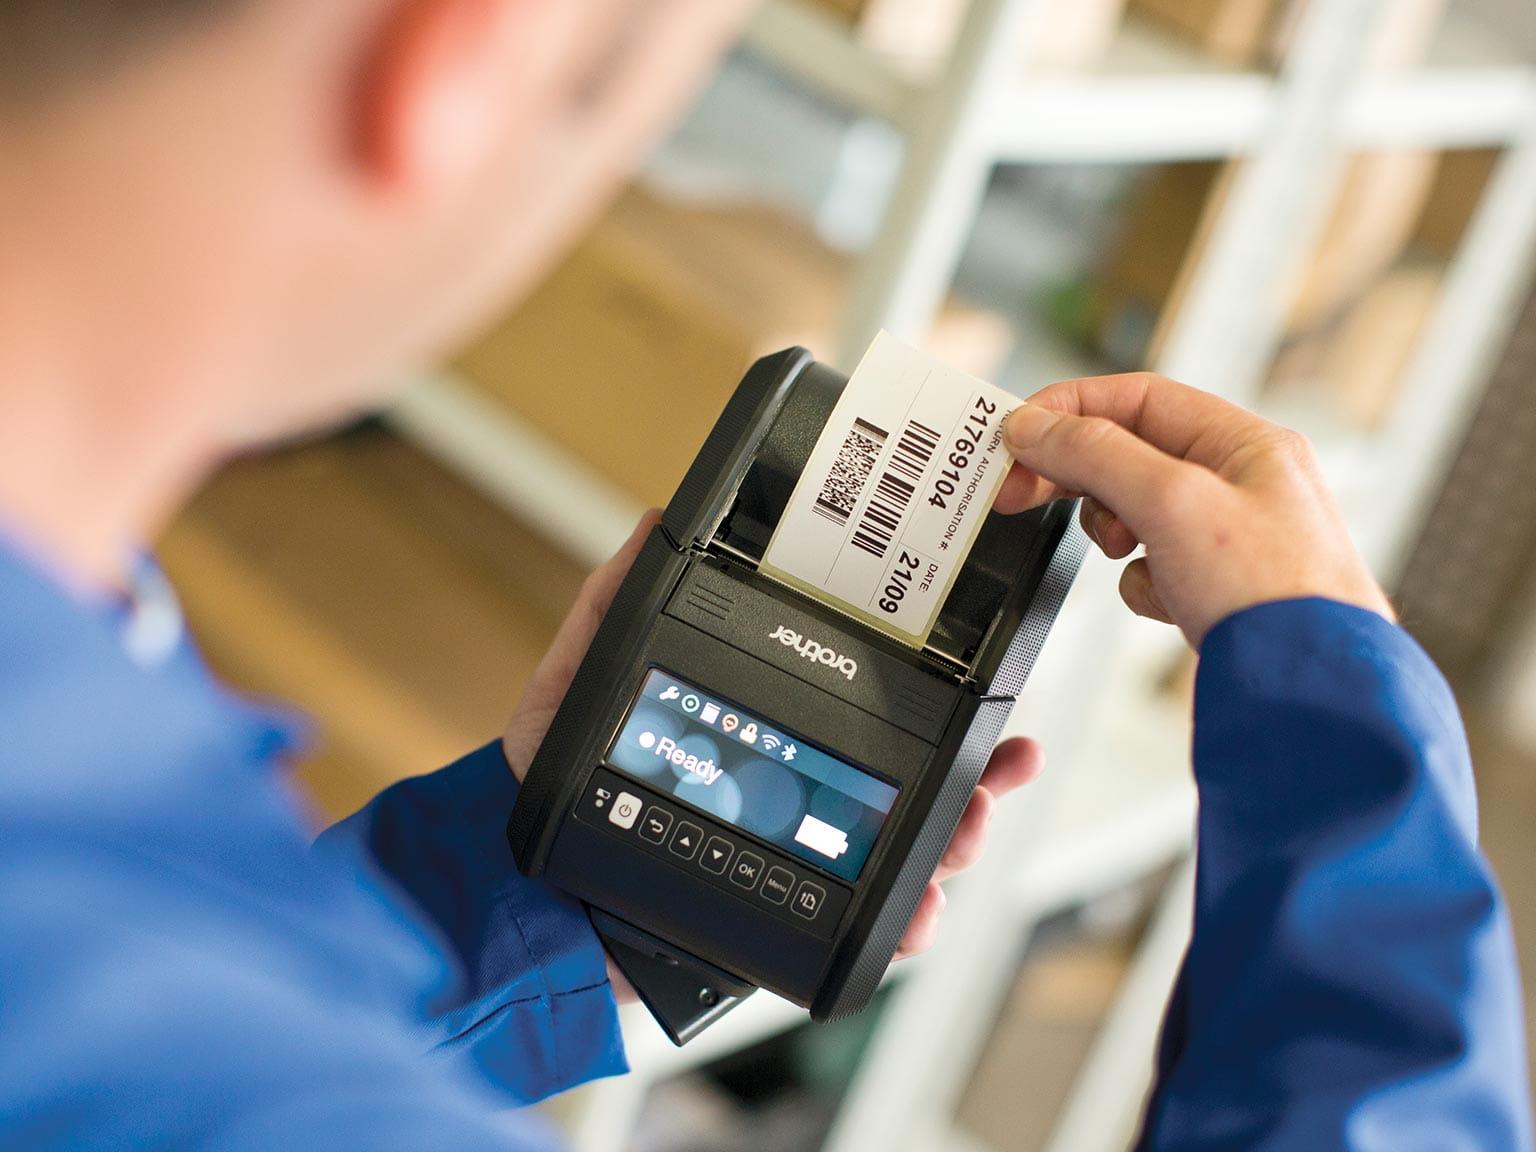 pracownik magazynowy trzyma drukarkę z serii RJ w ręku, w tym czasie etykieta jest drukowana